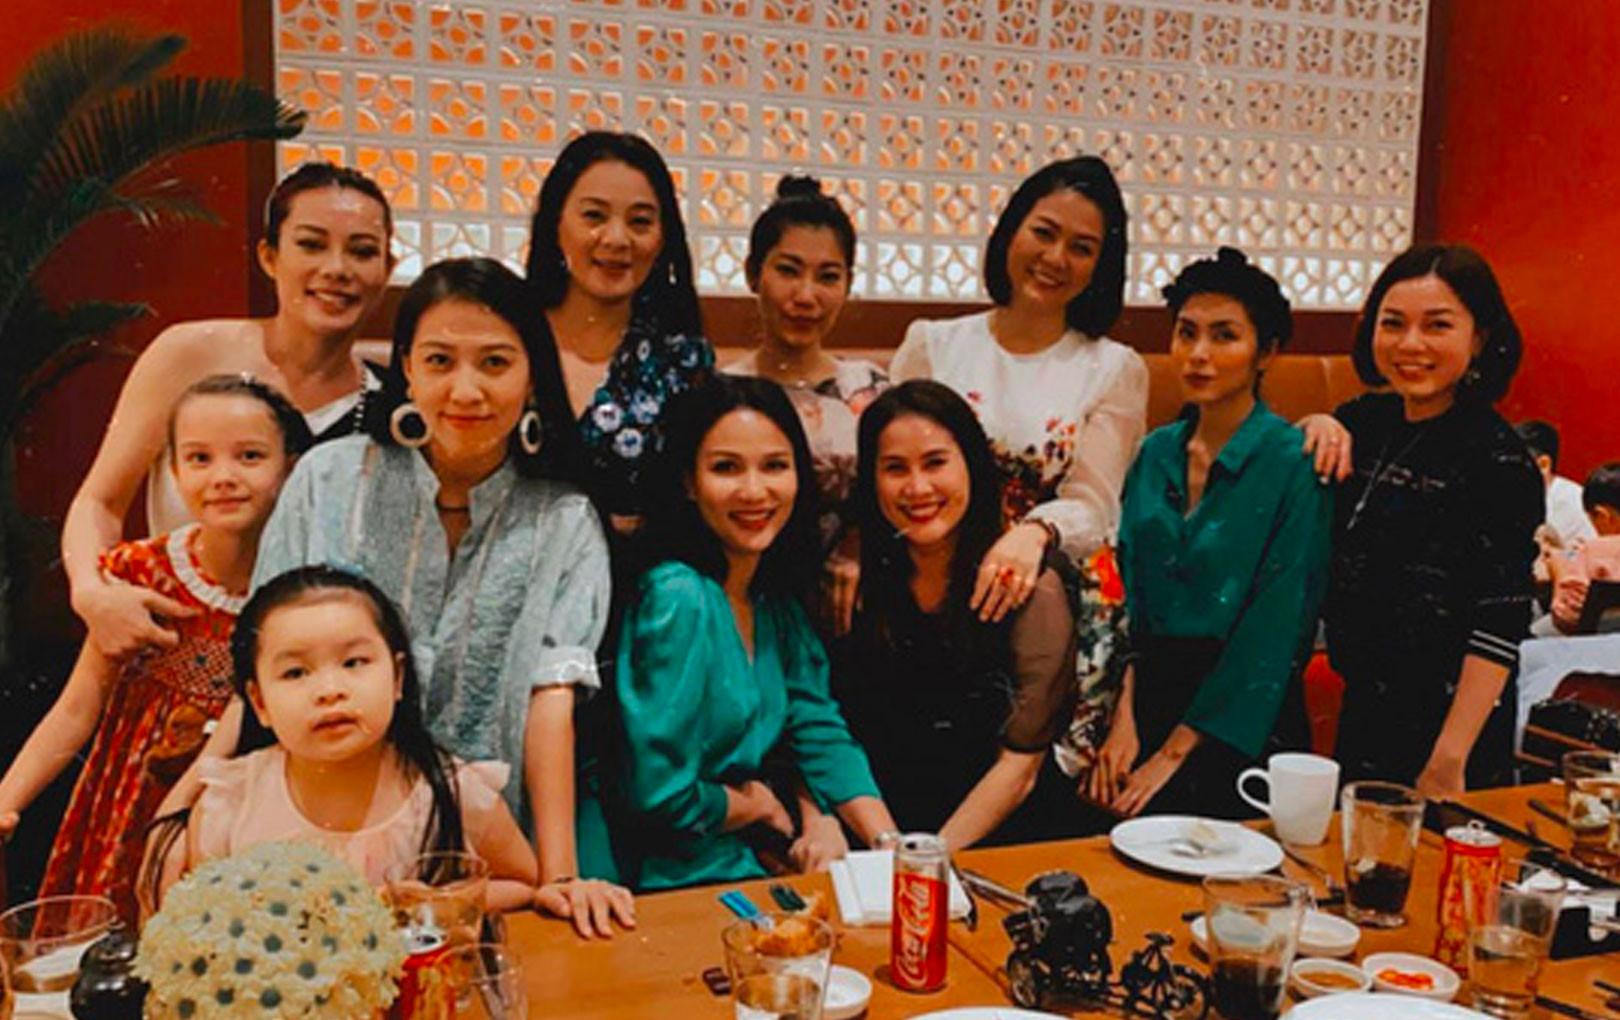 Hội bạn thân Hà Tăng tụ họp đầu năm mới mừng sinh nhật con gái Thân Thúy Hà: Toàn mẹ 2 con vẫn đẹp đỉnh cao!